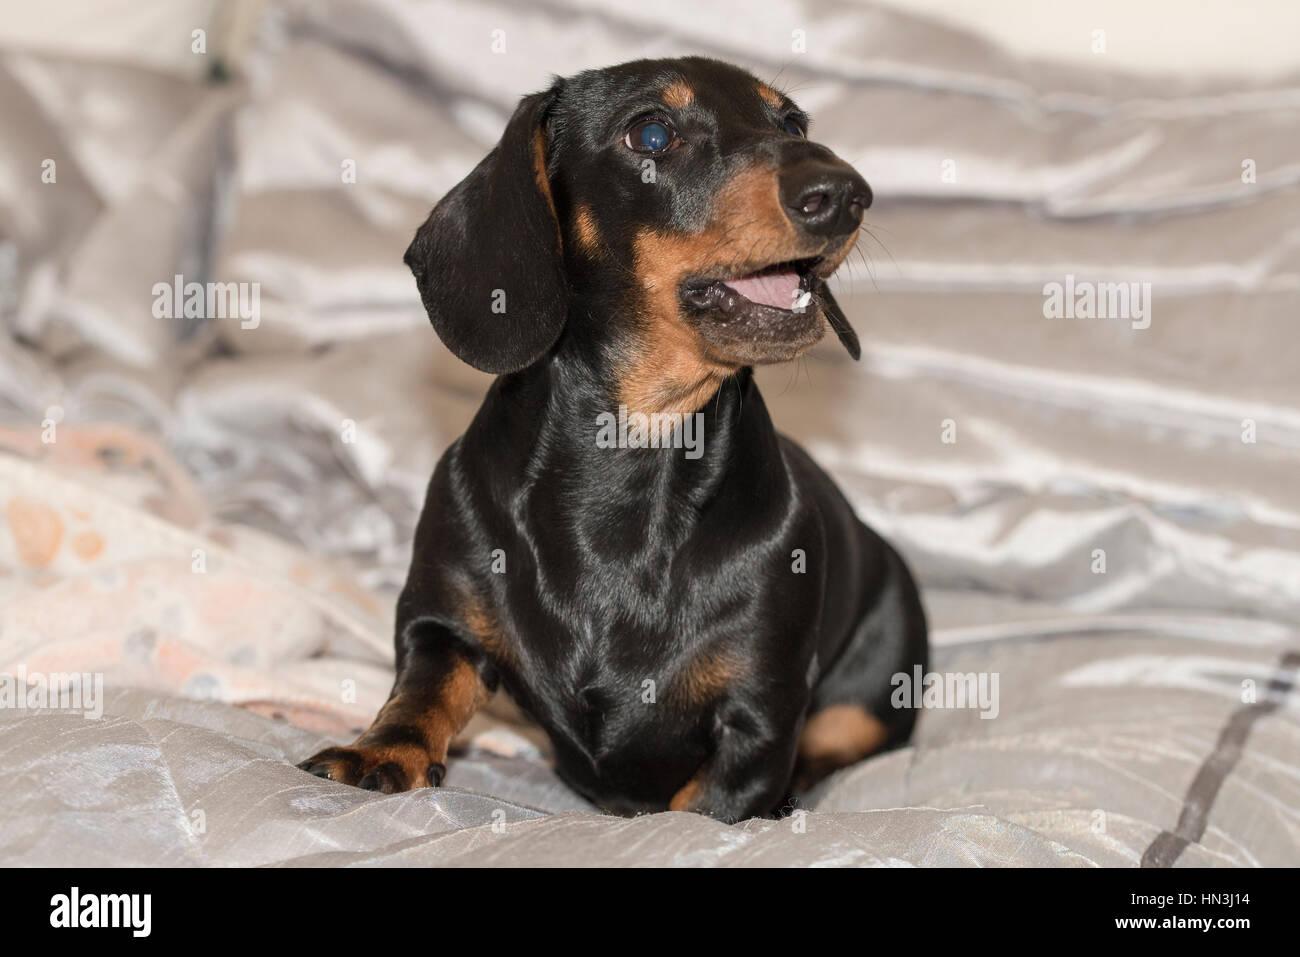 how to train a miniature dachshund puppy